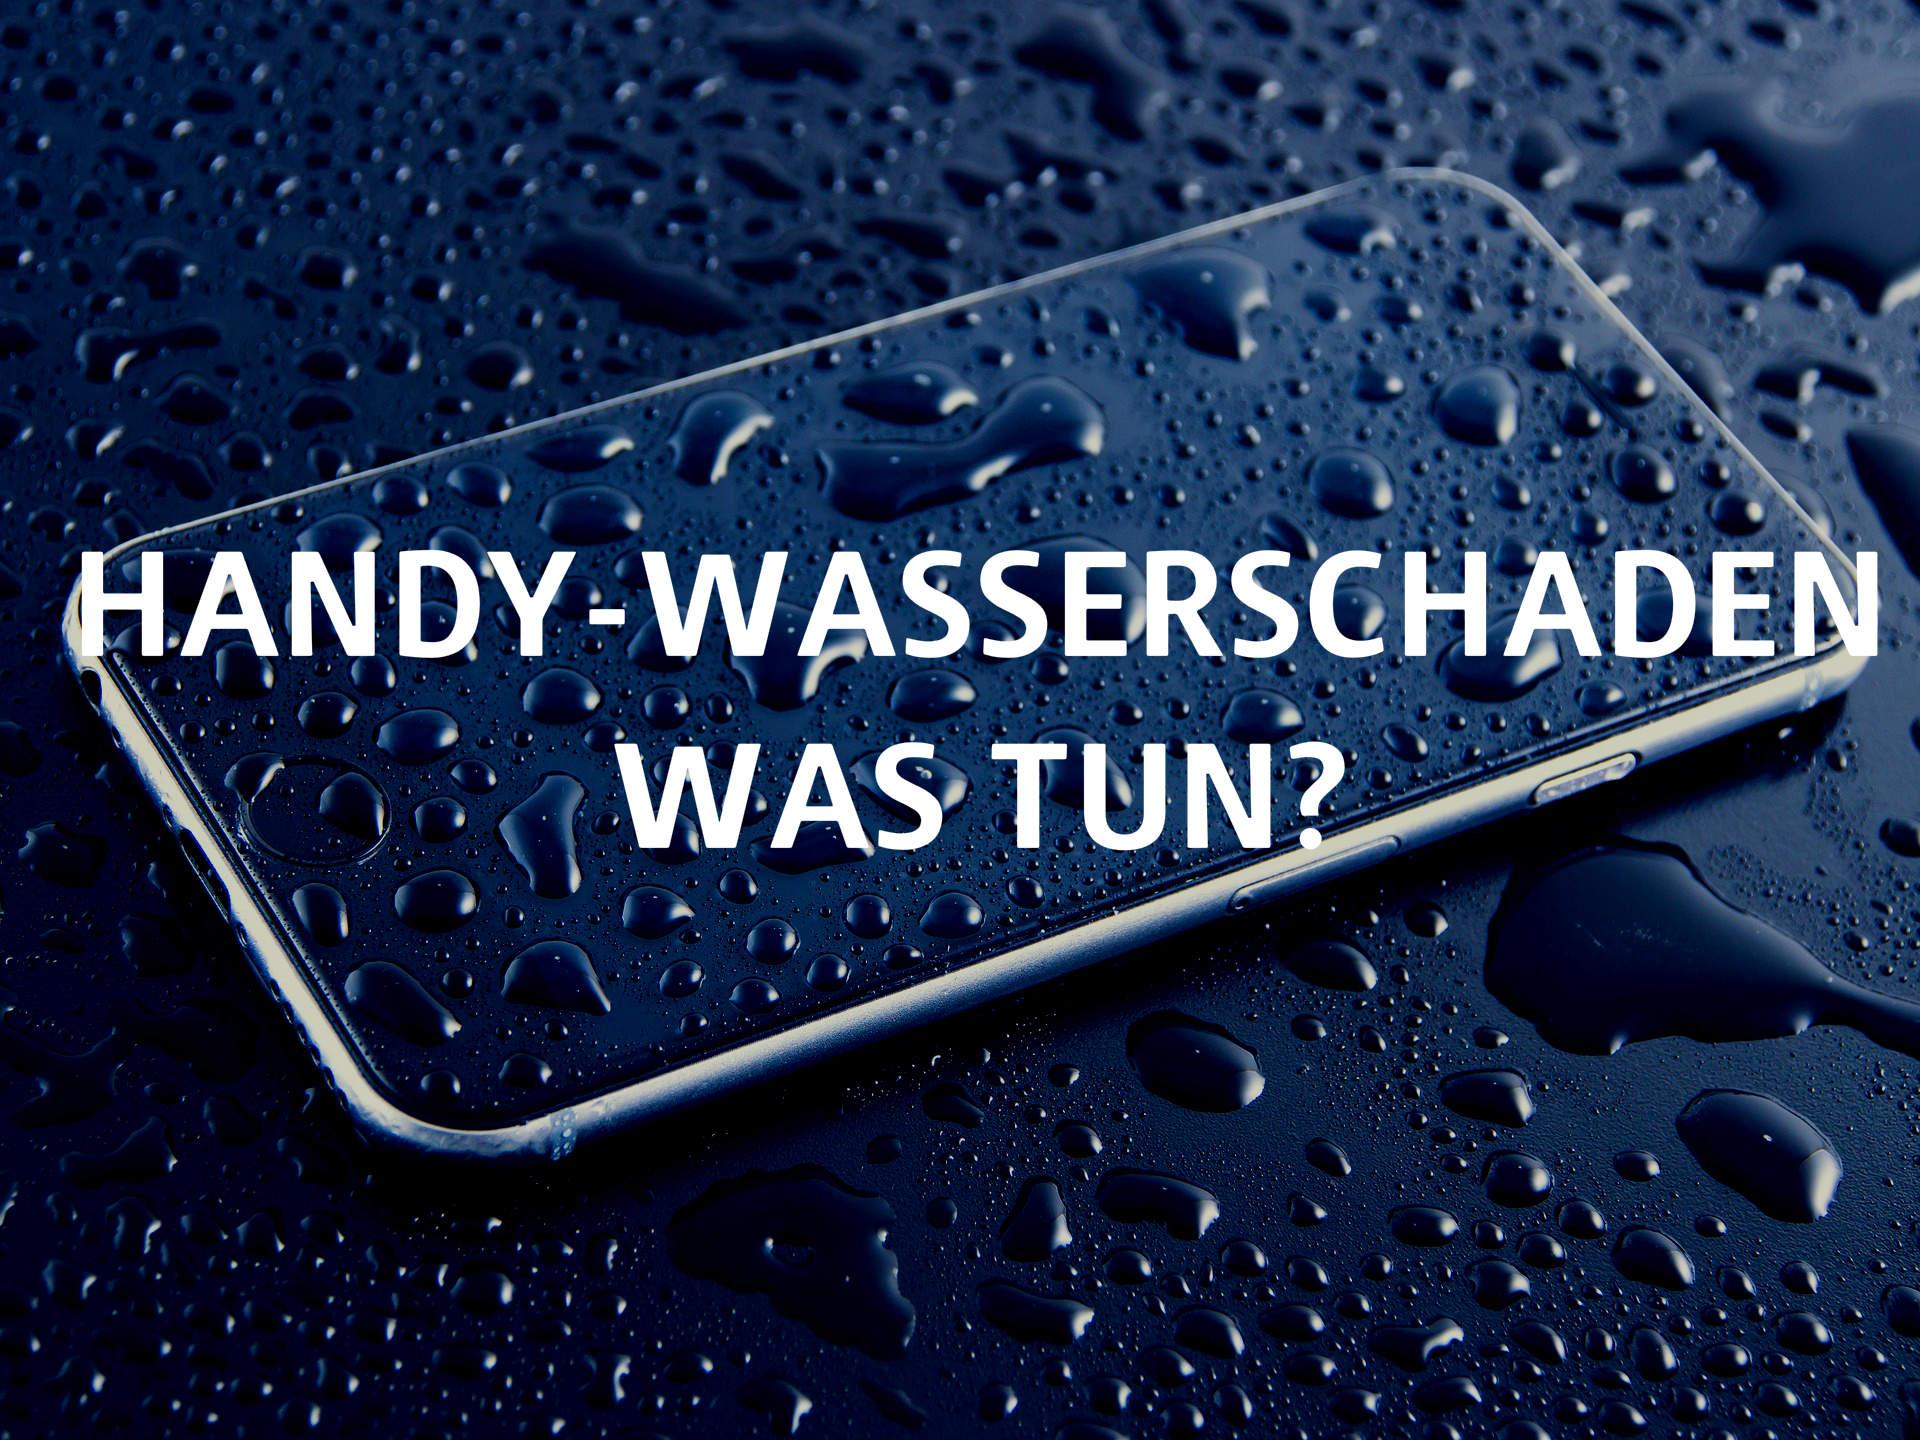 Handy-Wasserschaden was tun_Beitragsbilg